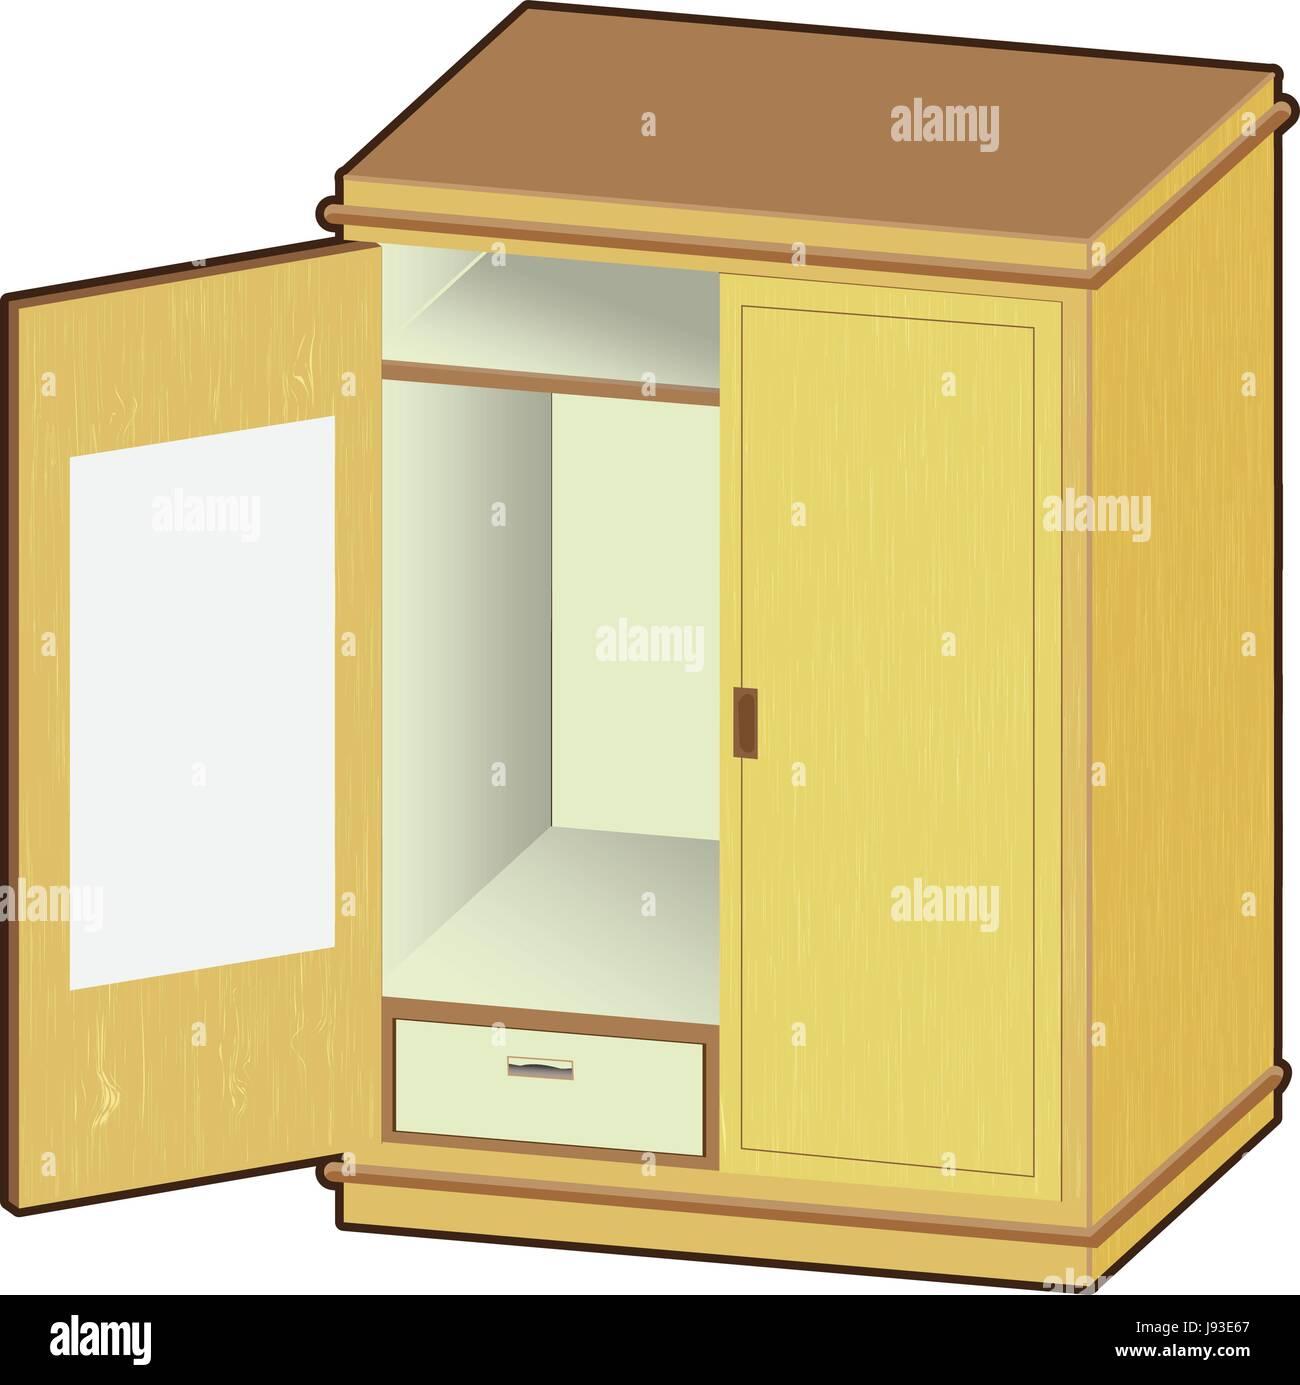 Offene Garderobe Holzschrank Mit Ordentlich Kleidung Vektor